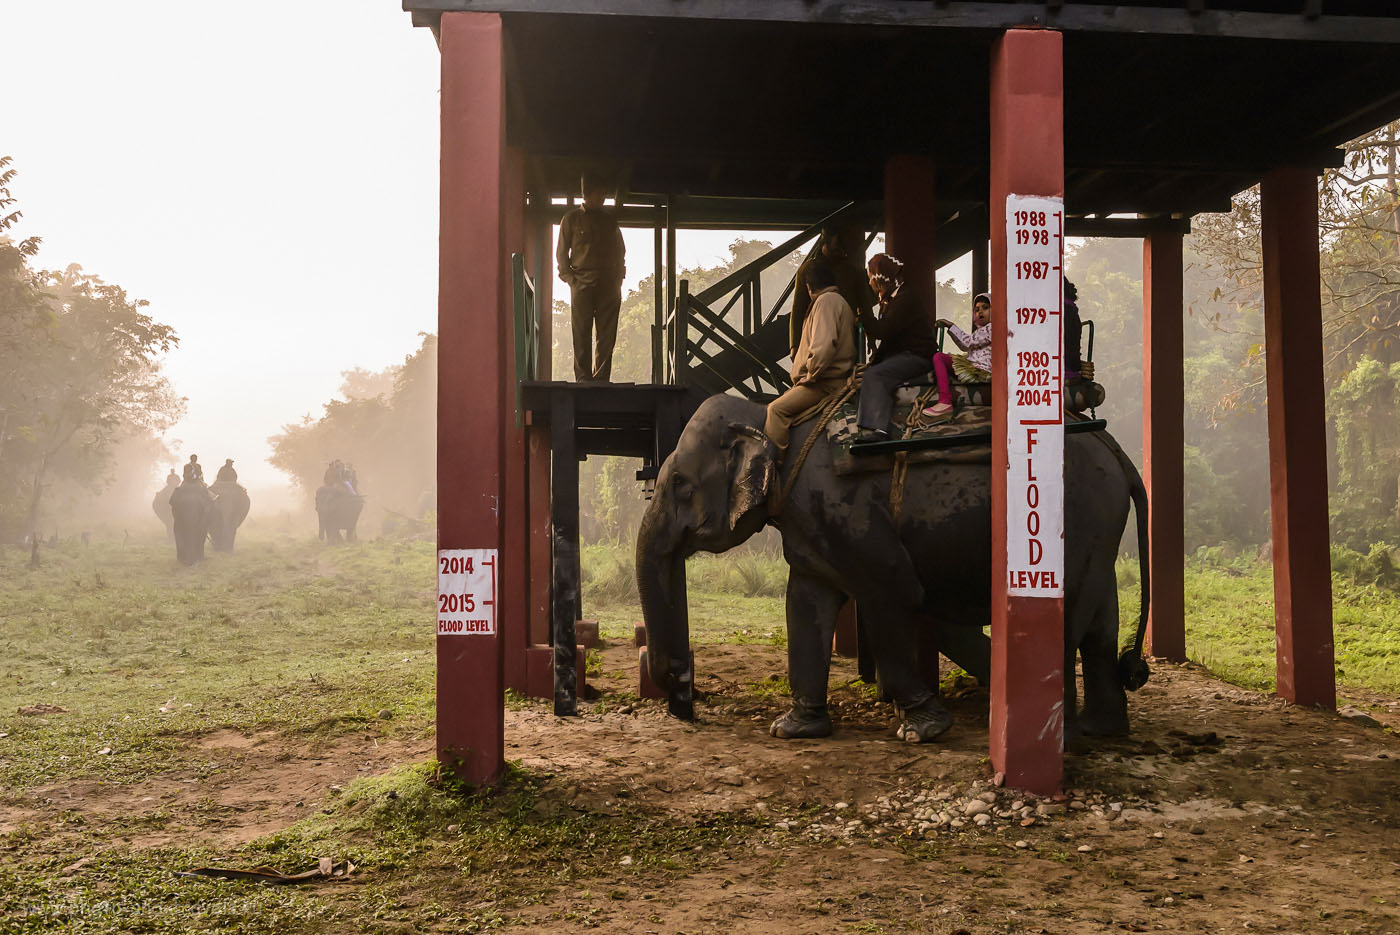 Фото 3. Река Брахмапутра не раз приносила большие неприятности жителям штата Ассам. Станция для посадки туристов на спины слонов в Казиранге. 1/400, -0.67, 8.0, 2500, 36. Никон 24-70/2,8